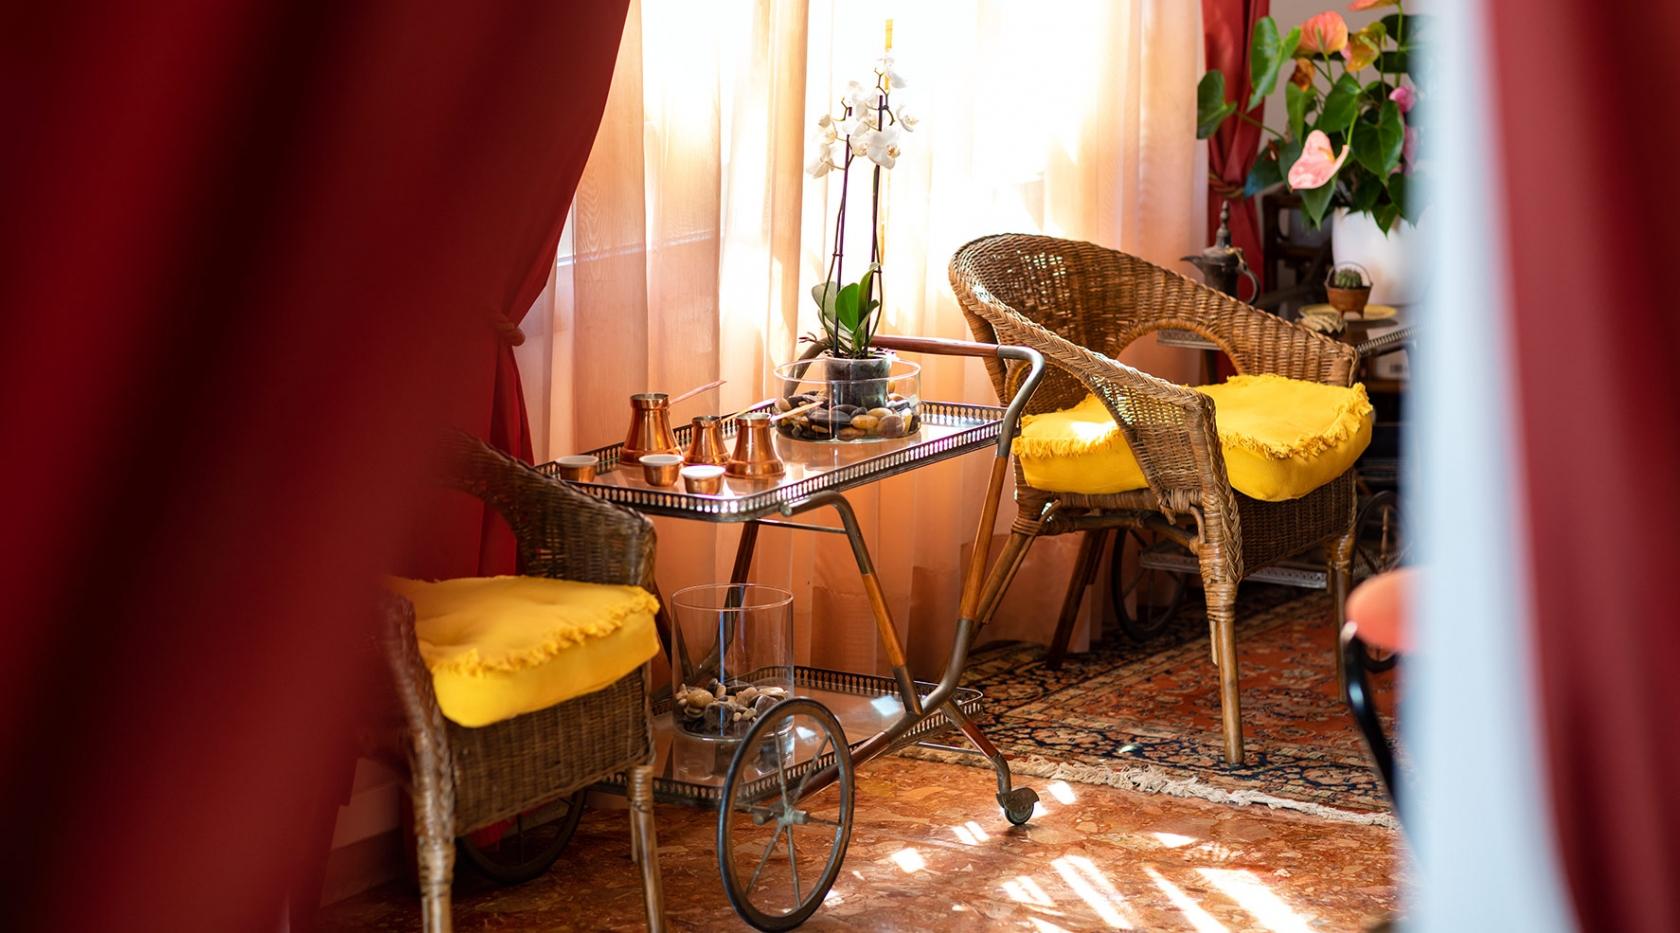 Cortesia e accoglienza per il tuo soggiorno a Venezia Lido